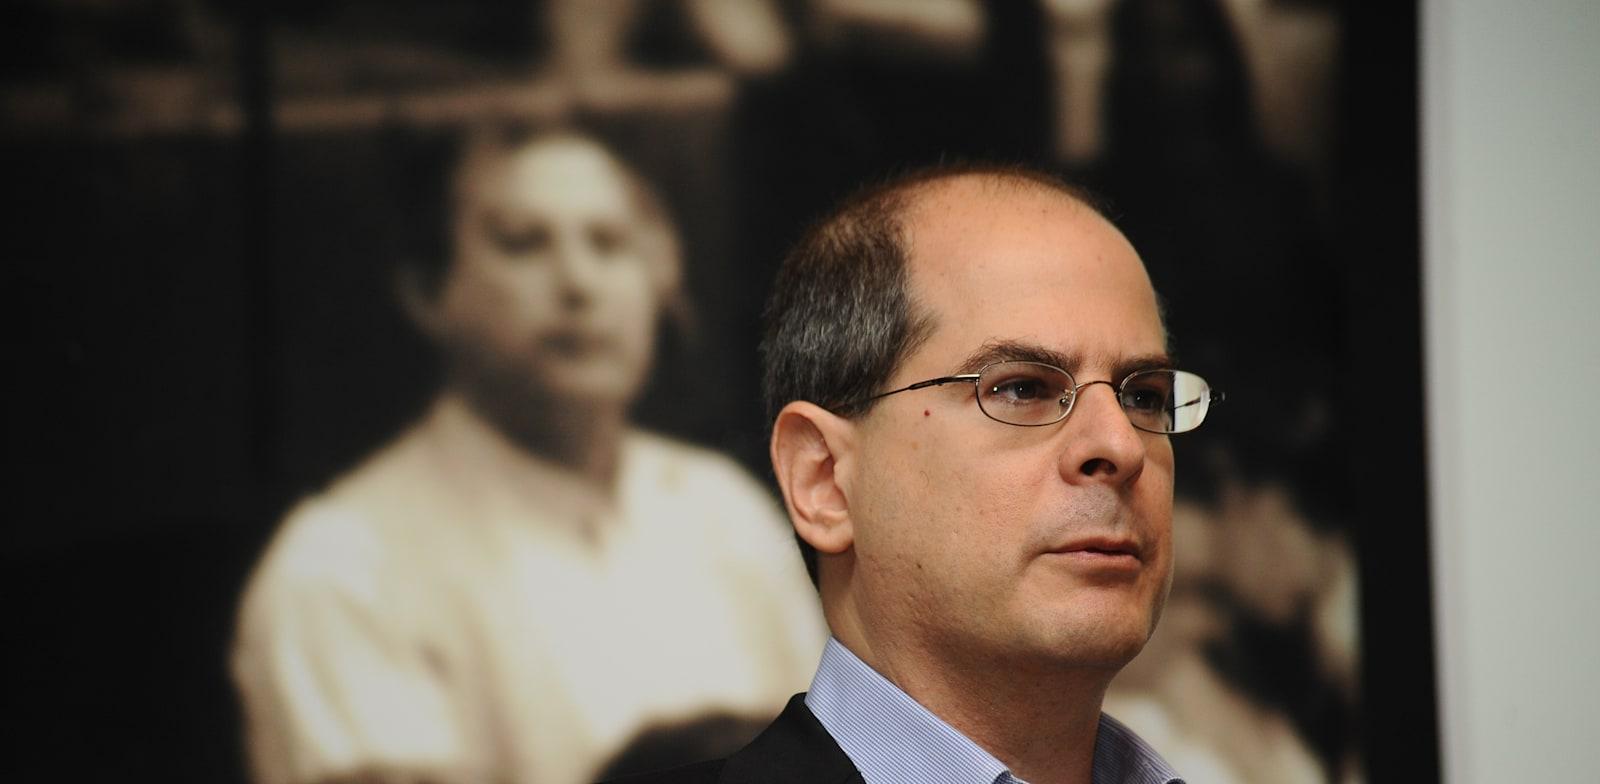 ערן גורב, מנהל פעילות פרנסיסקו פרטנרס  בישראל / צילום: תמר מצפי